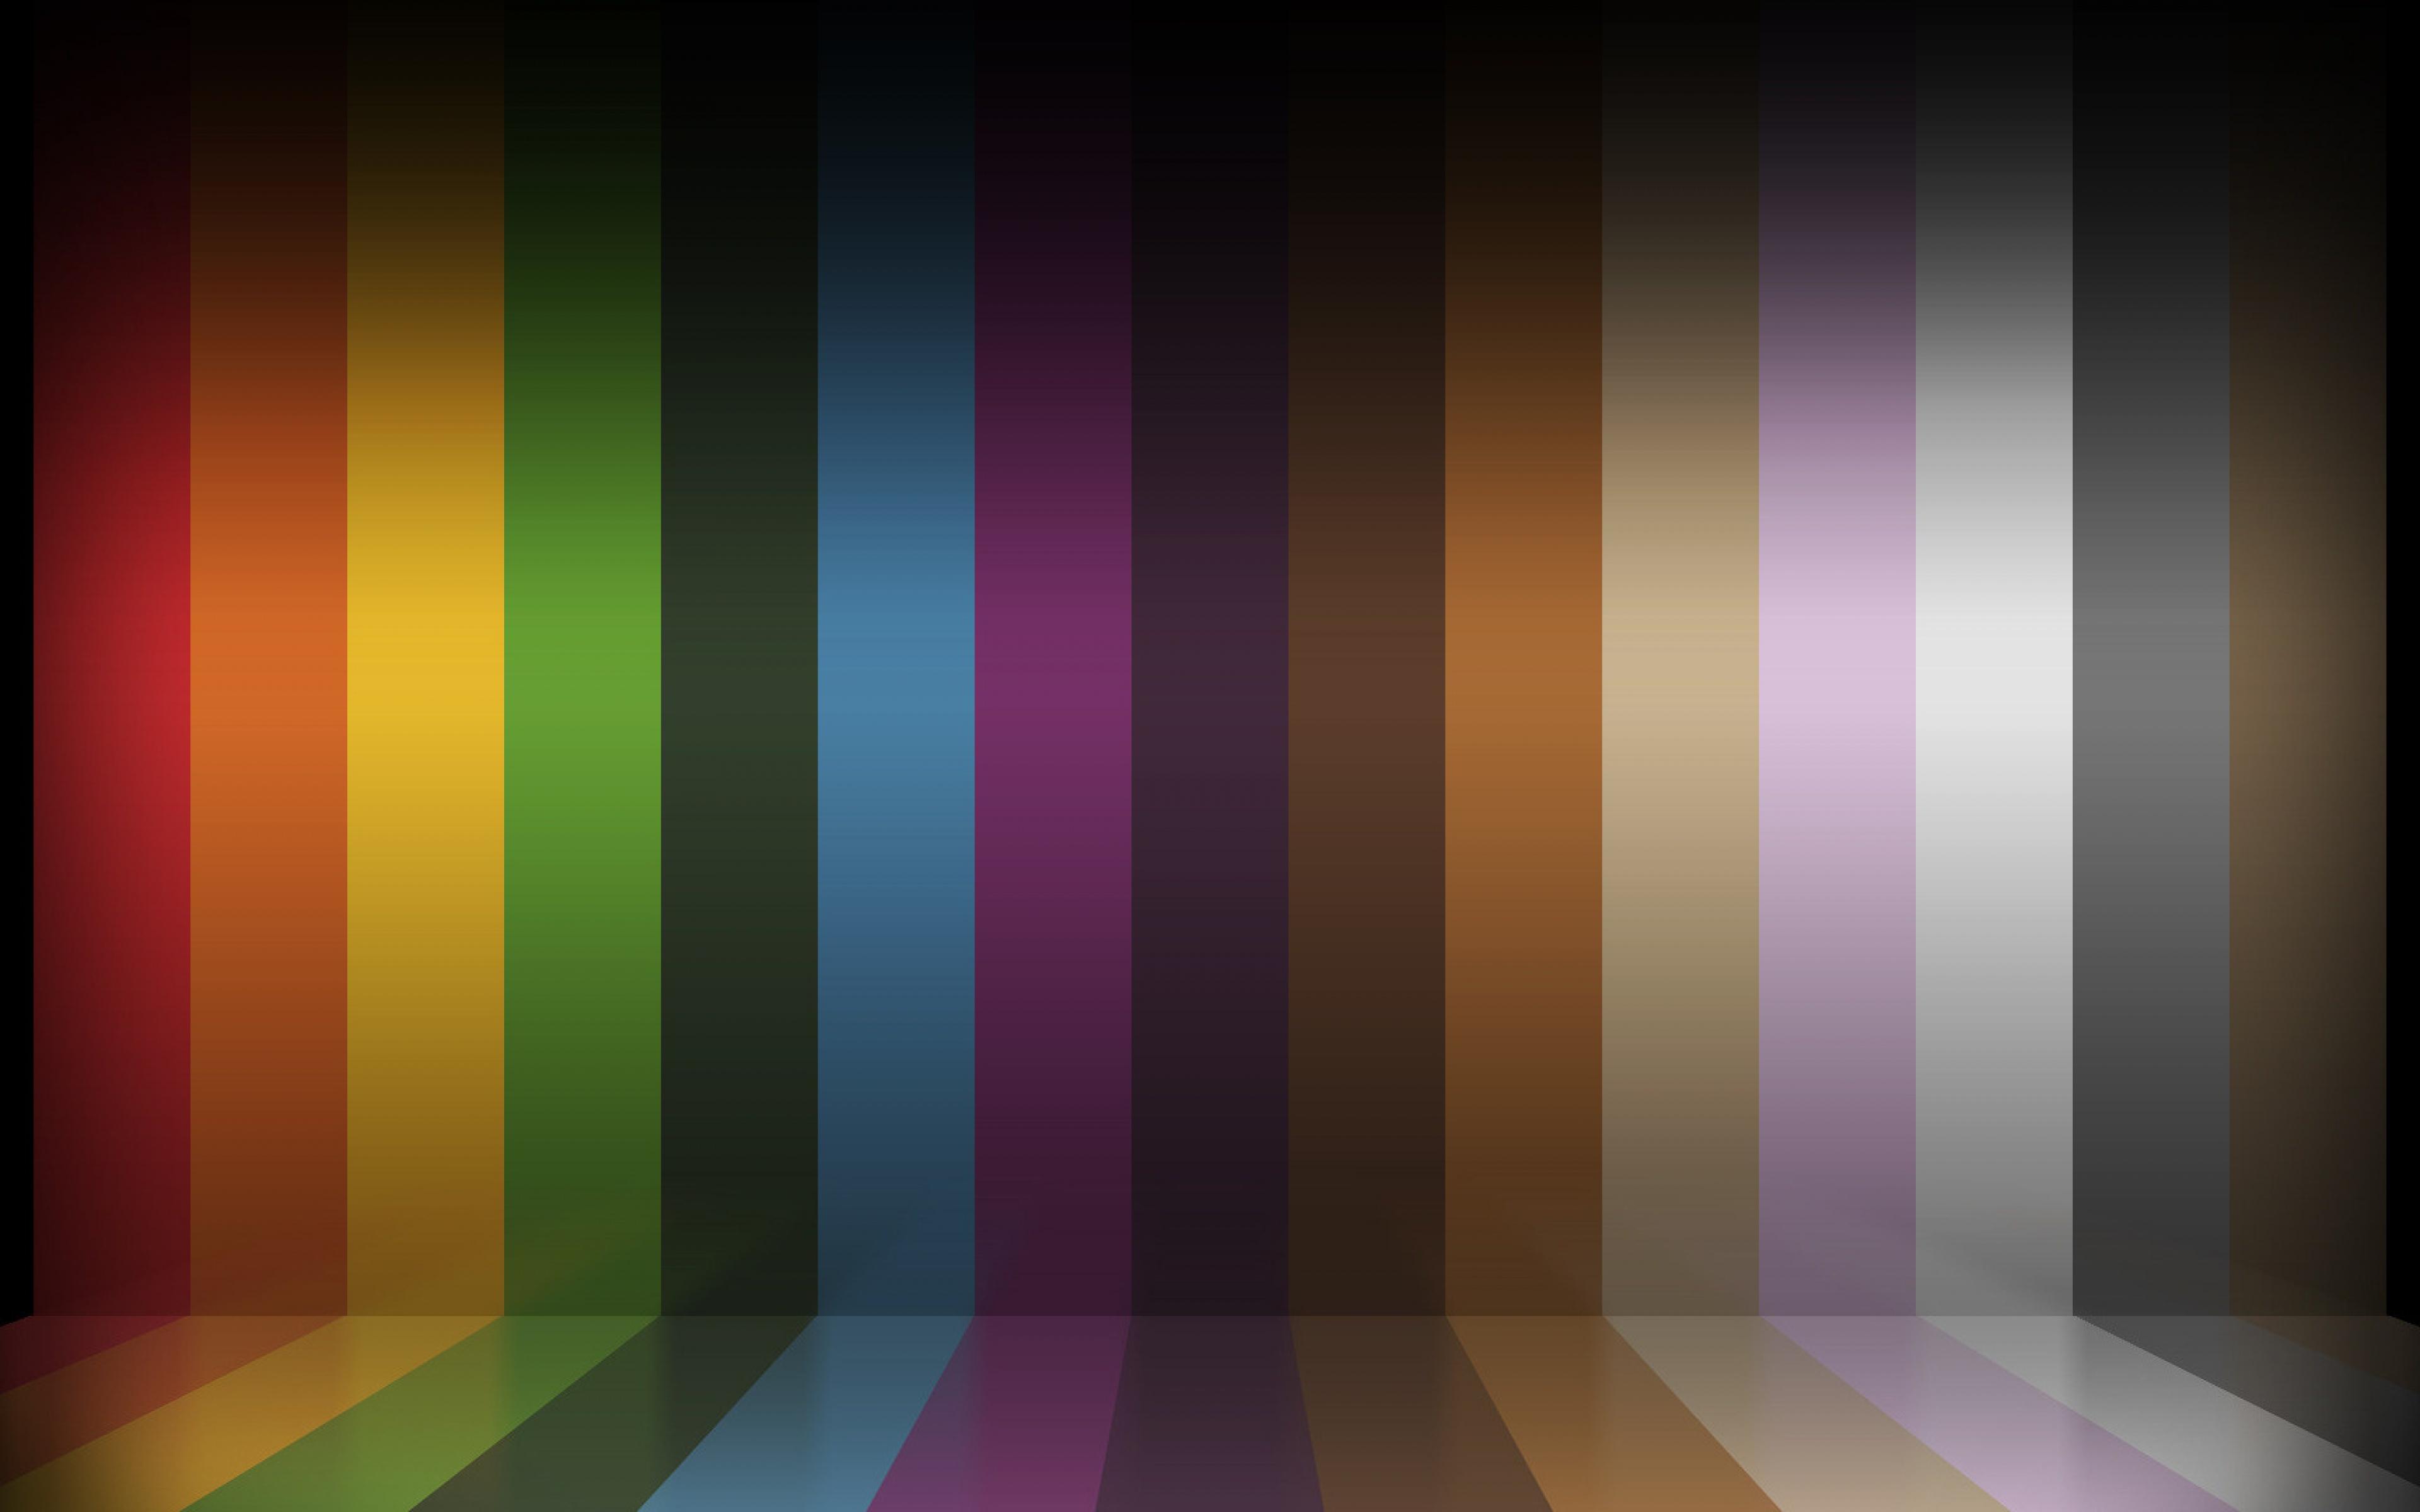 Colorful 4k Wallpaper Wallpapersafari